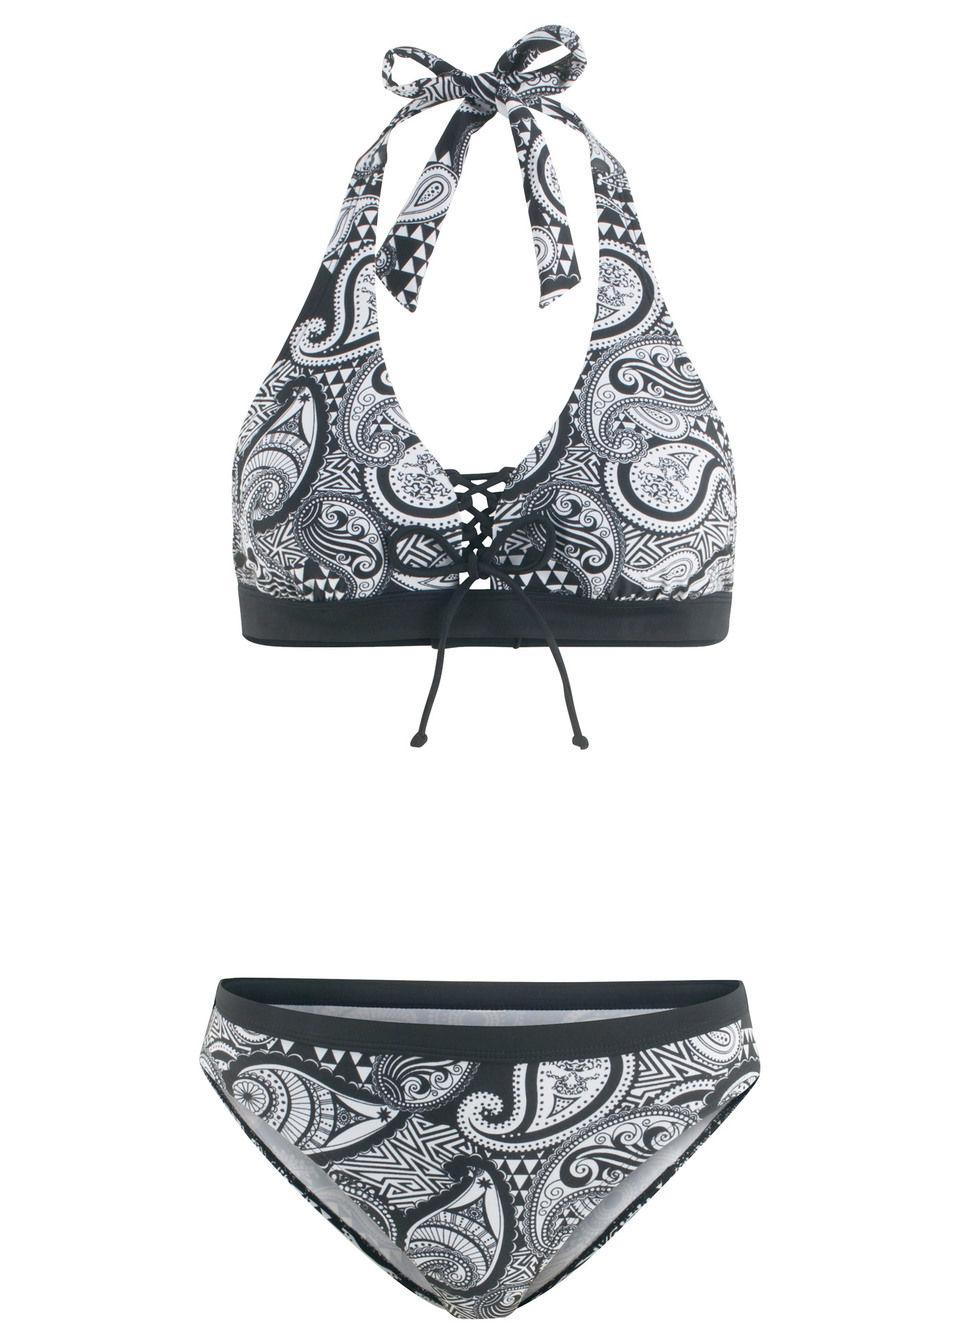 Bikini z ramiączkami wiązanymi na szyi (2 części) bonprix czarno-biały